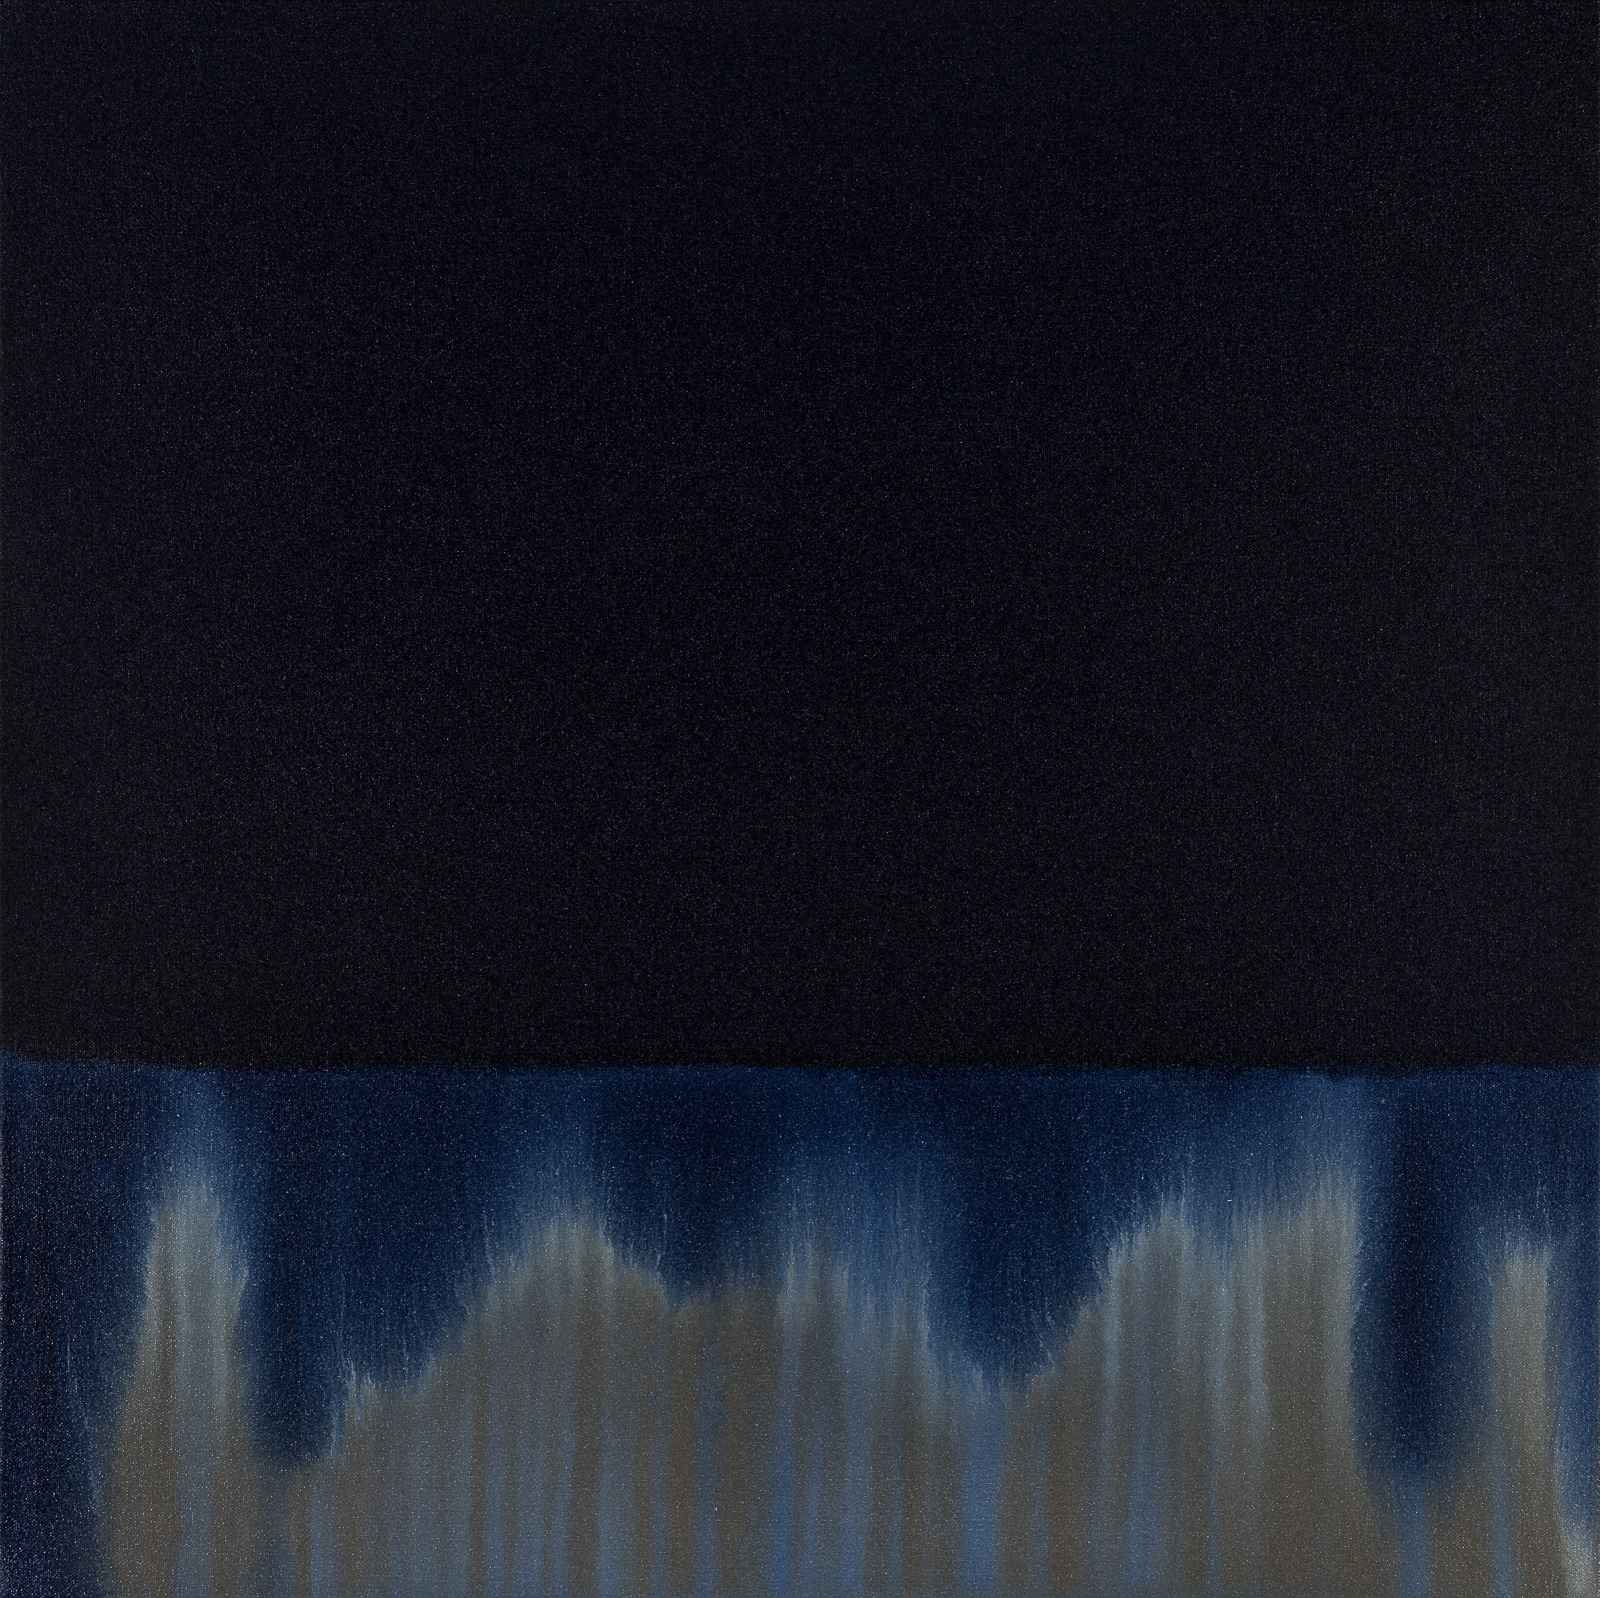 GRADIENT FLOW INDIGO by Mr. JUAN ALONSO-RODRIGUEZ - Masterpiece Online